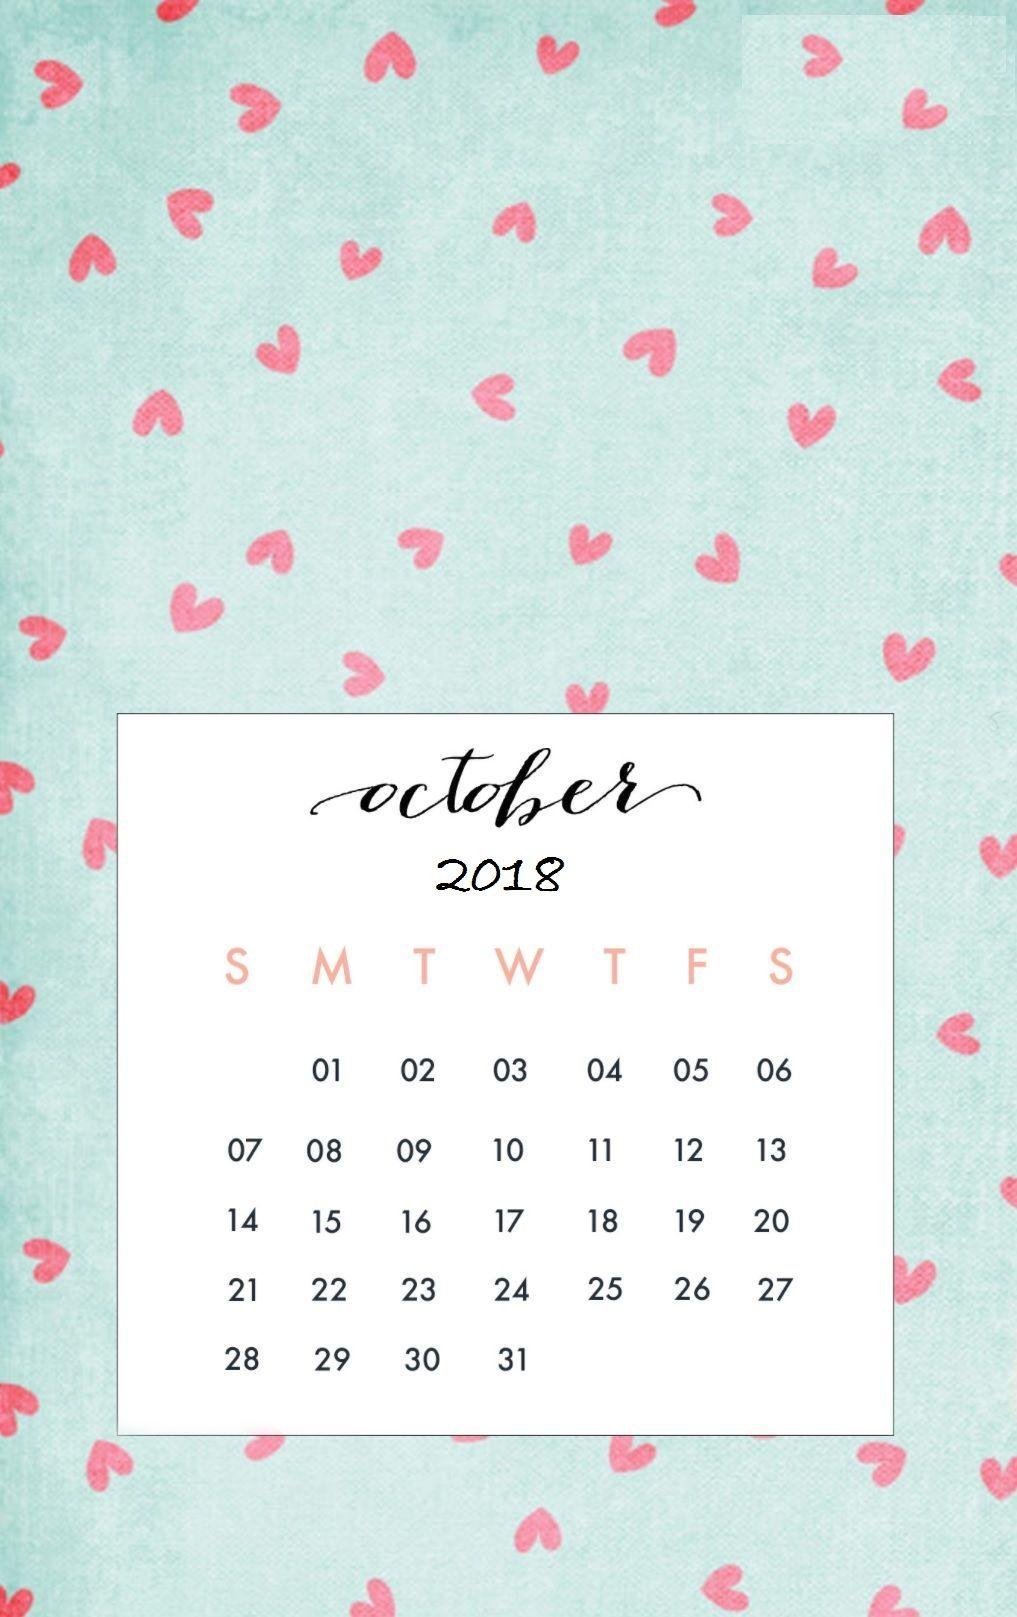 October 2018 Iphone Calendar Wallpaper | Calendar Wallpaper